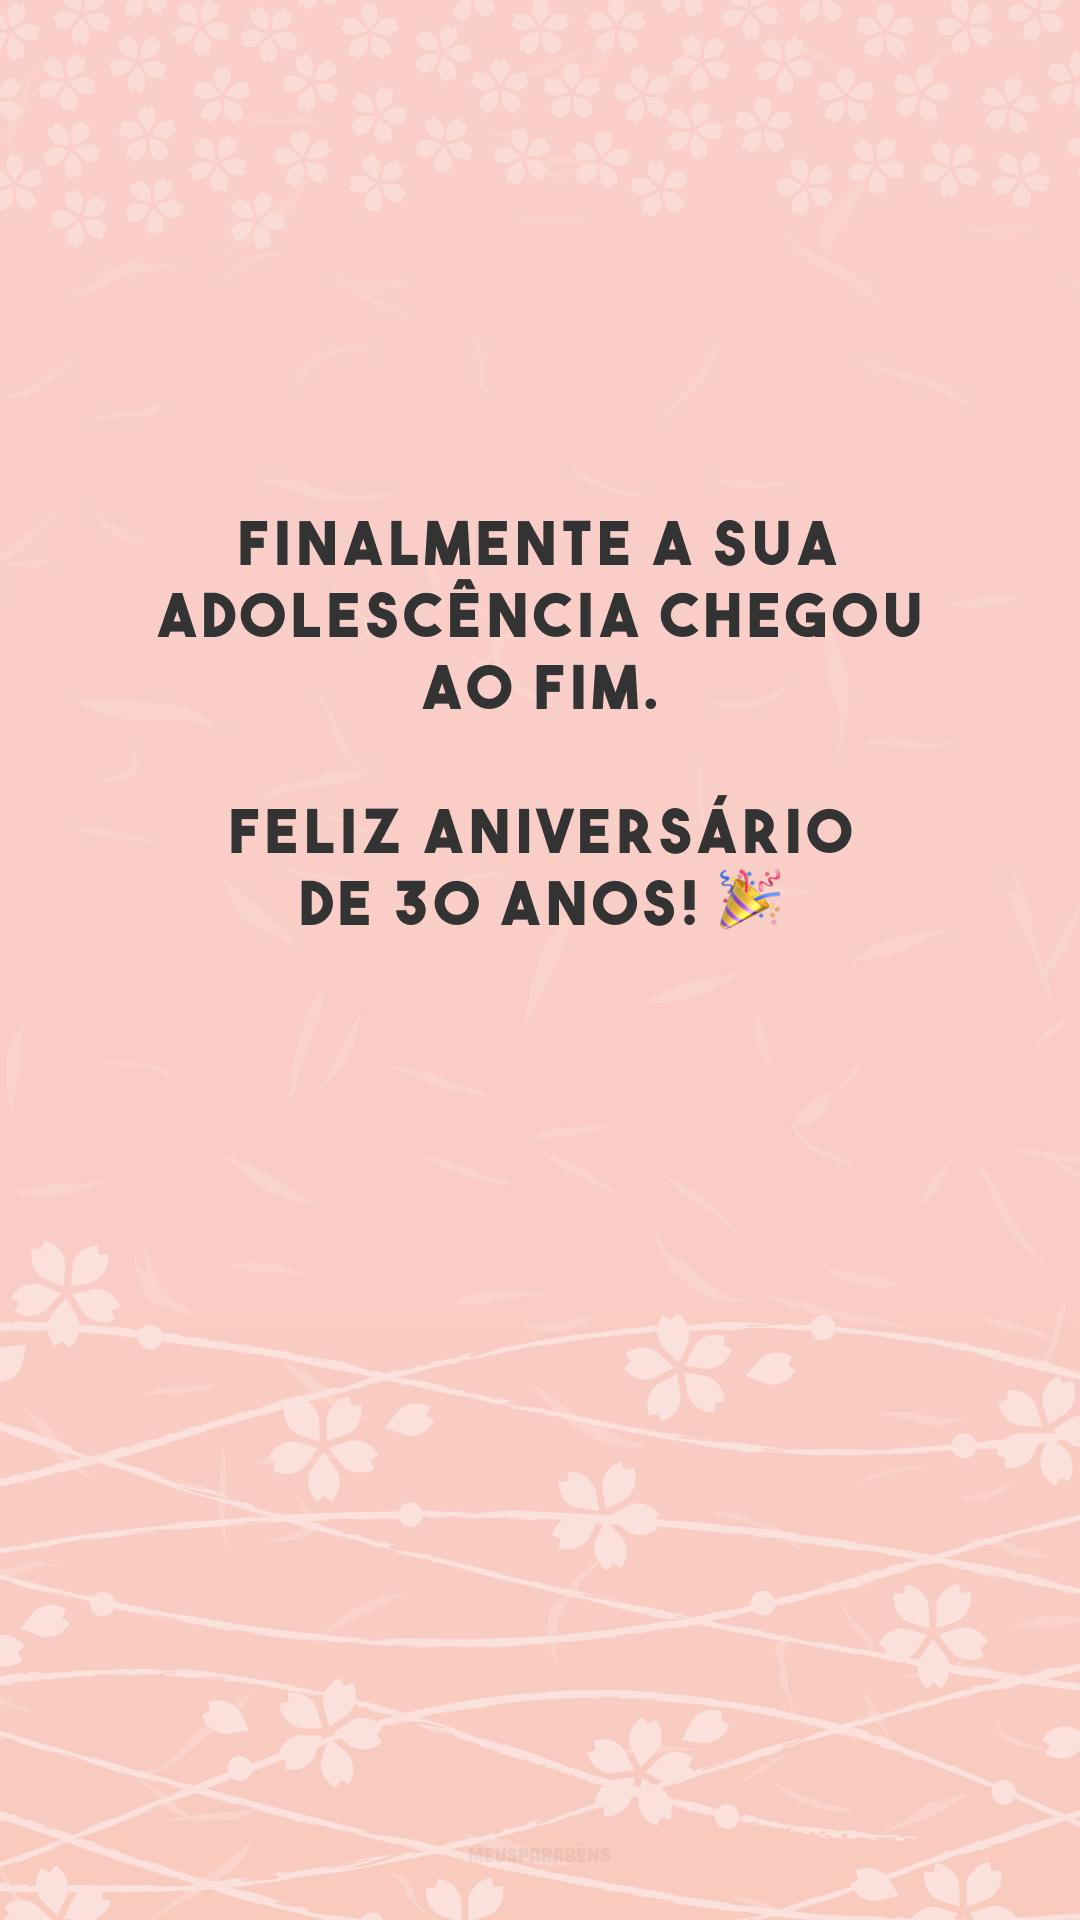 Finalmente a sua adolescência chegou ao fim. Feliz aniversário de 30 anos! 🎉